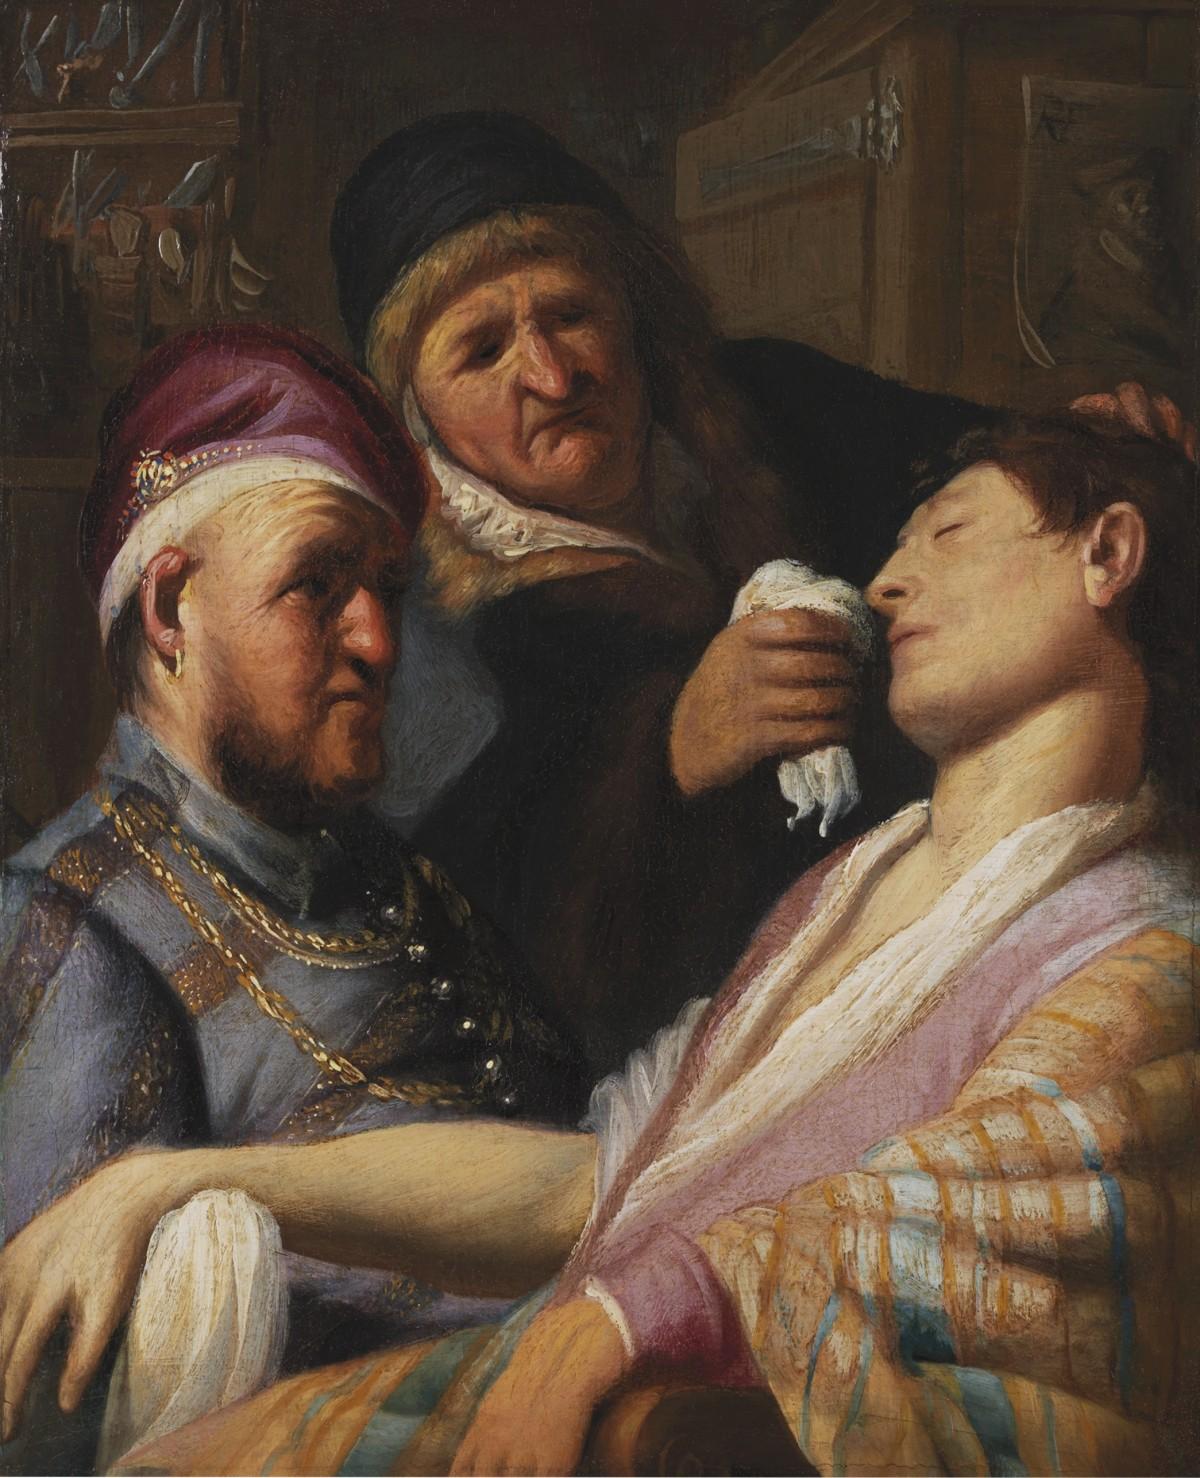 Рембрандт ван Рейн. Пациент безсознания (Обоняние)